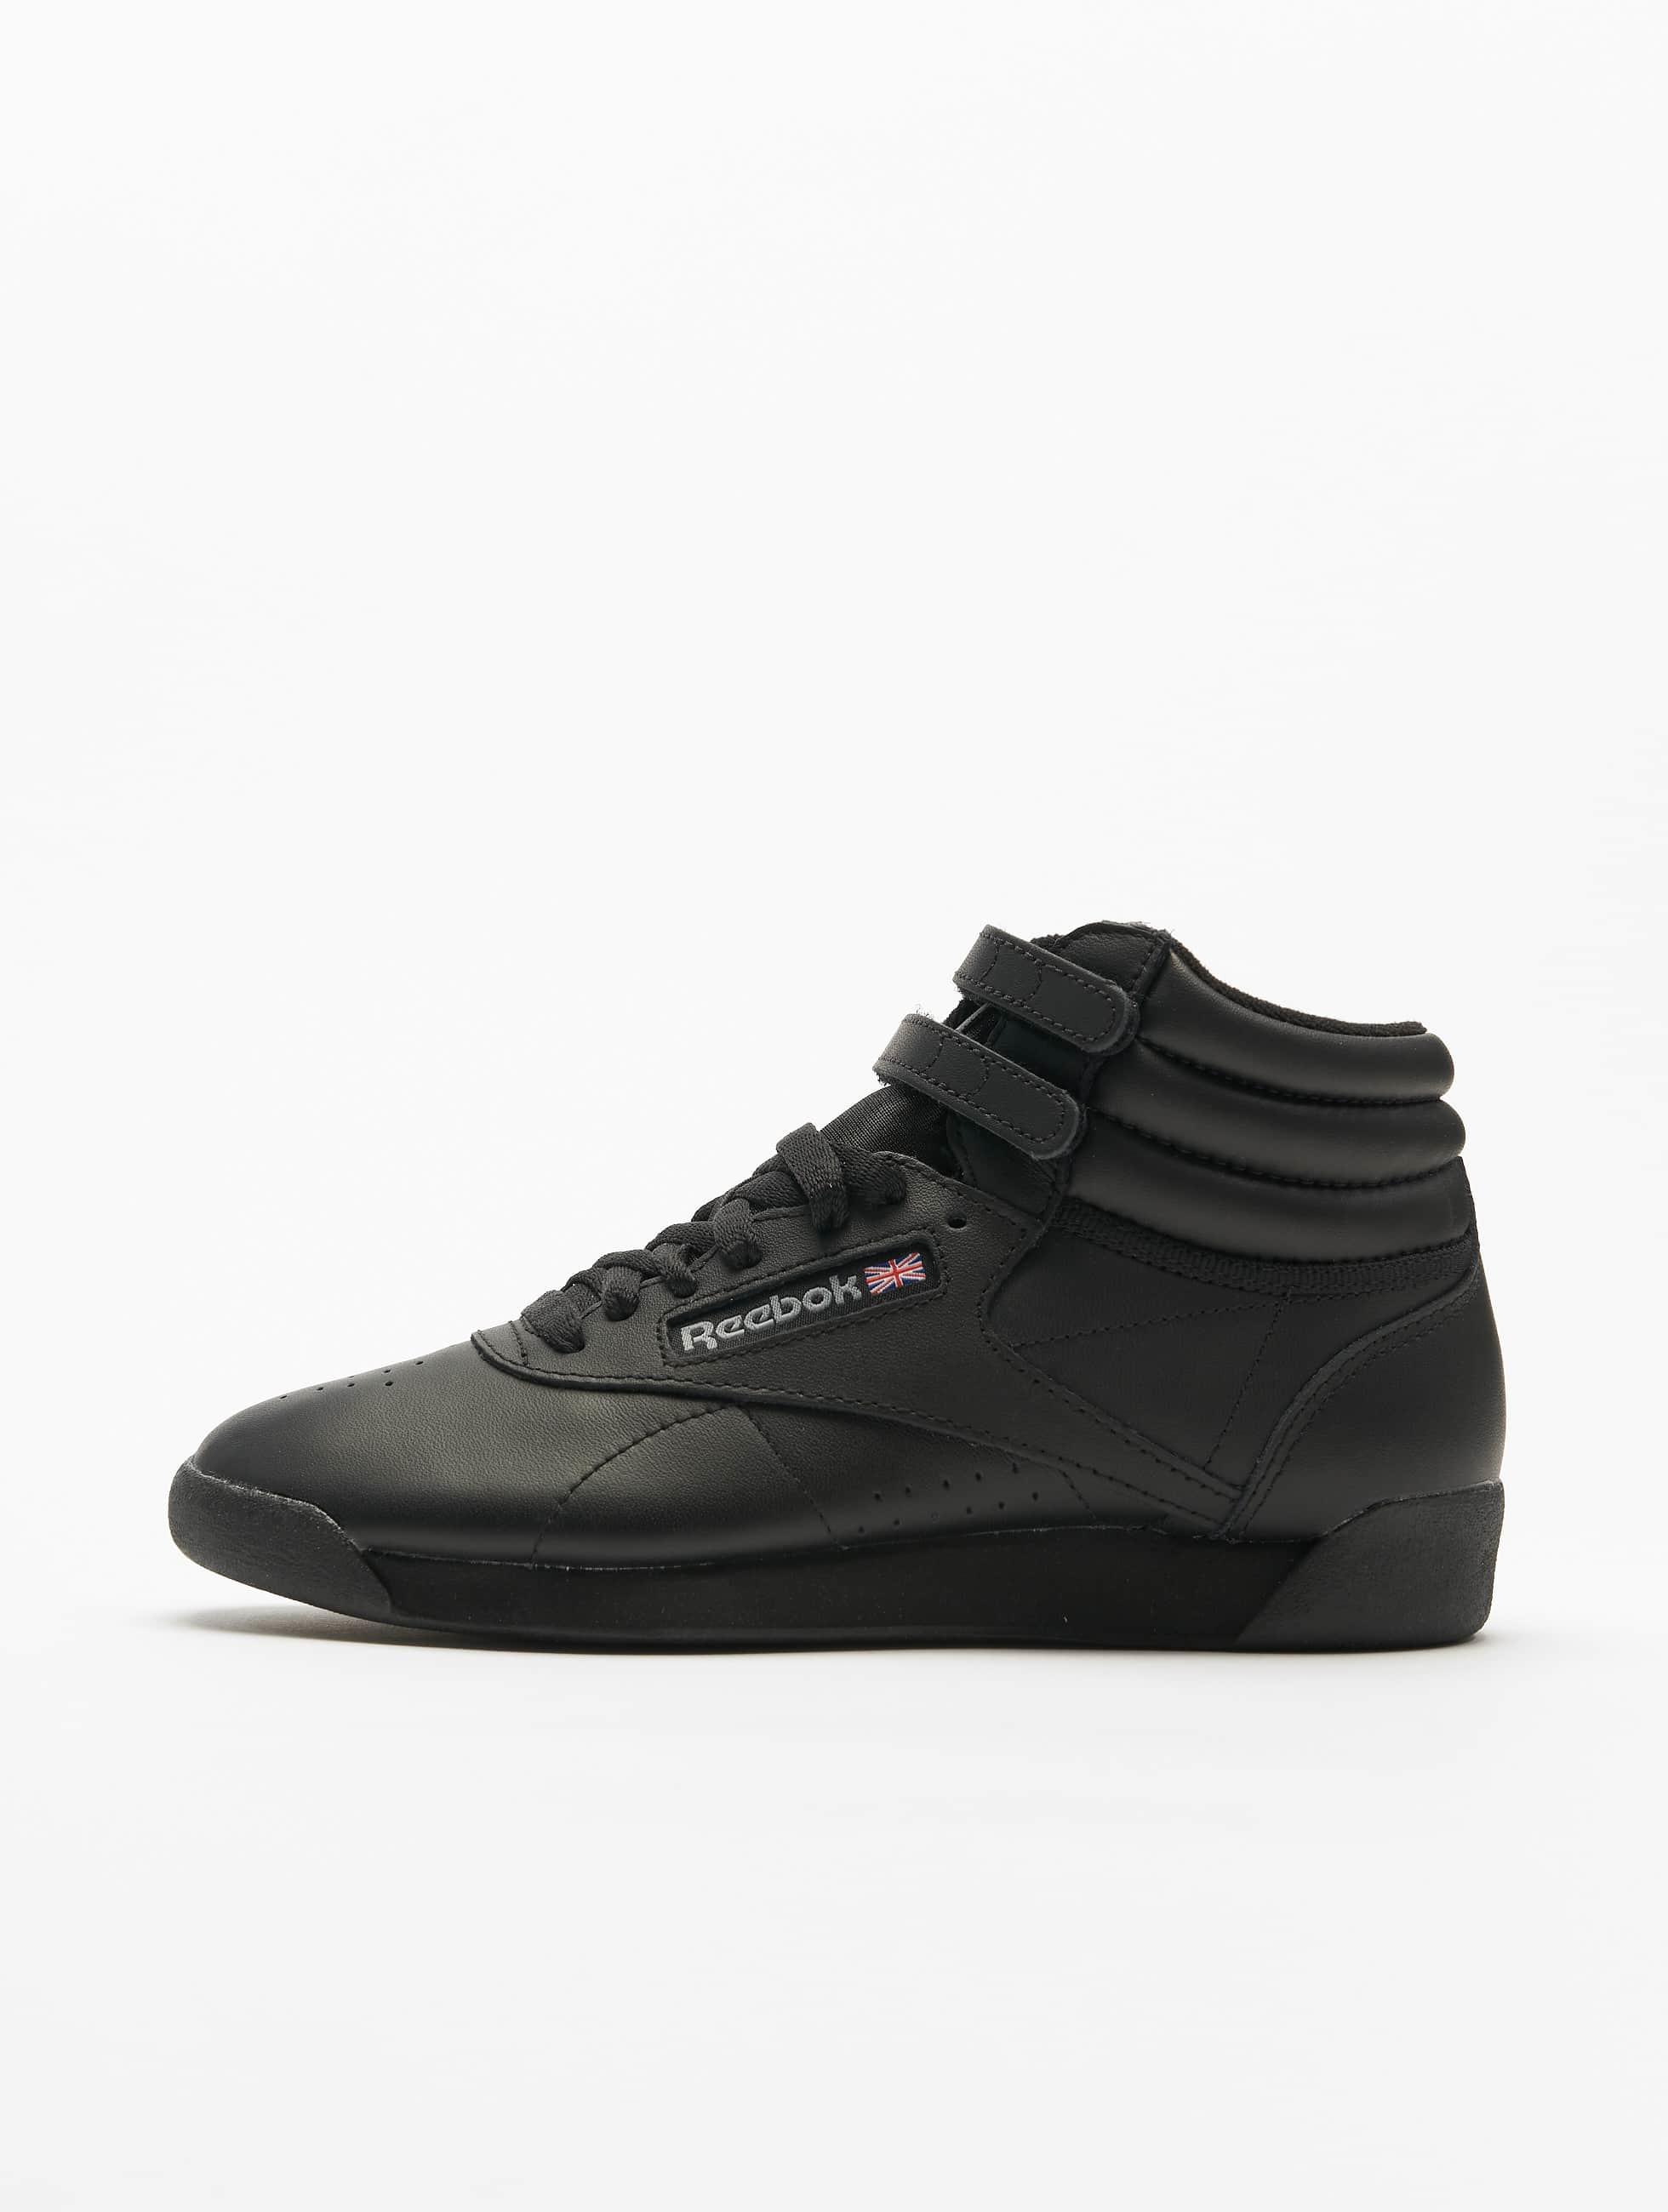 reebok freestyle hi basketball shoes noir femme baskets 4616. Black Bedroom Furniture Sets. Home Design Ideas